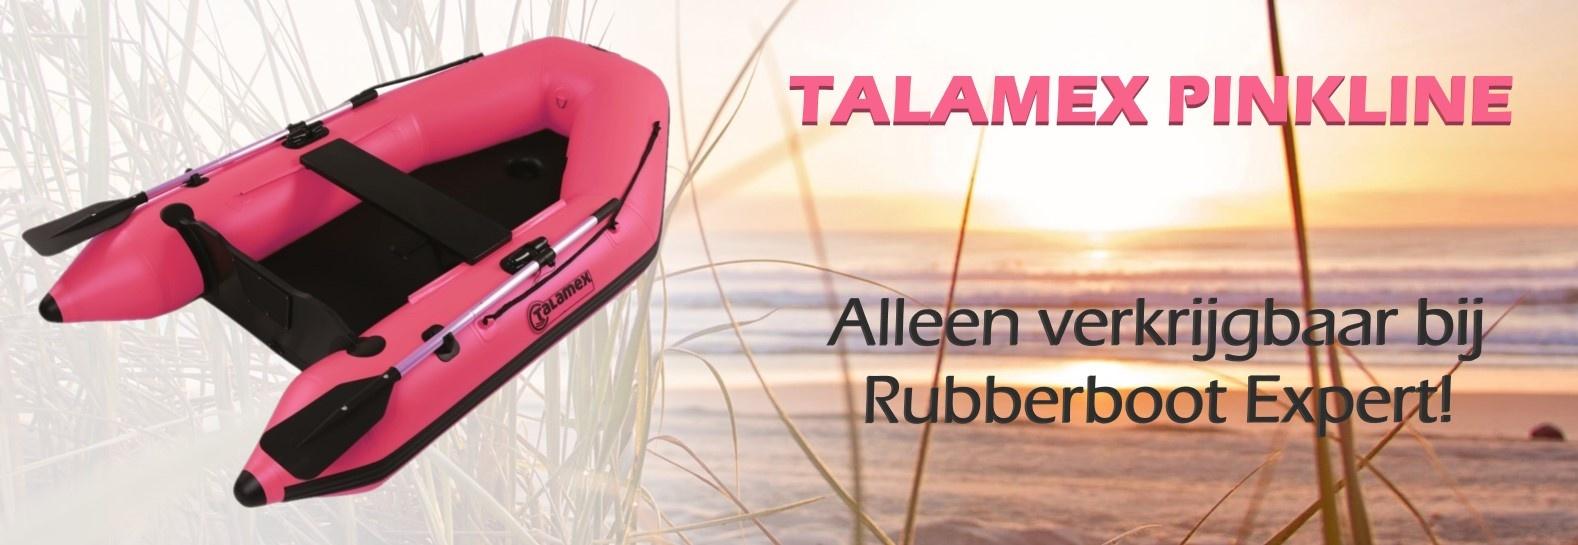 Talamex Pinkline!